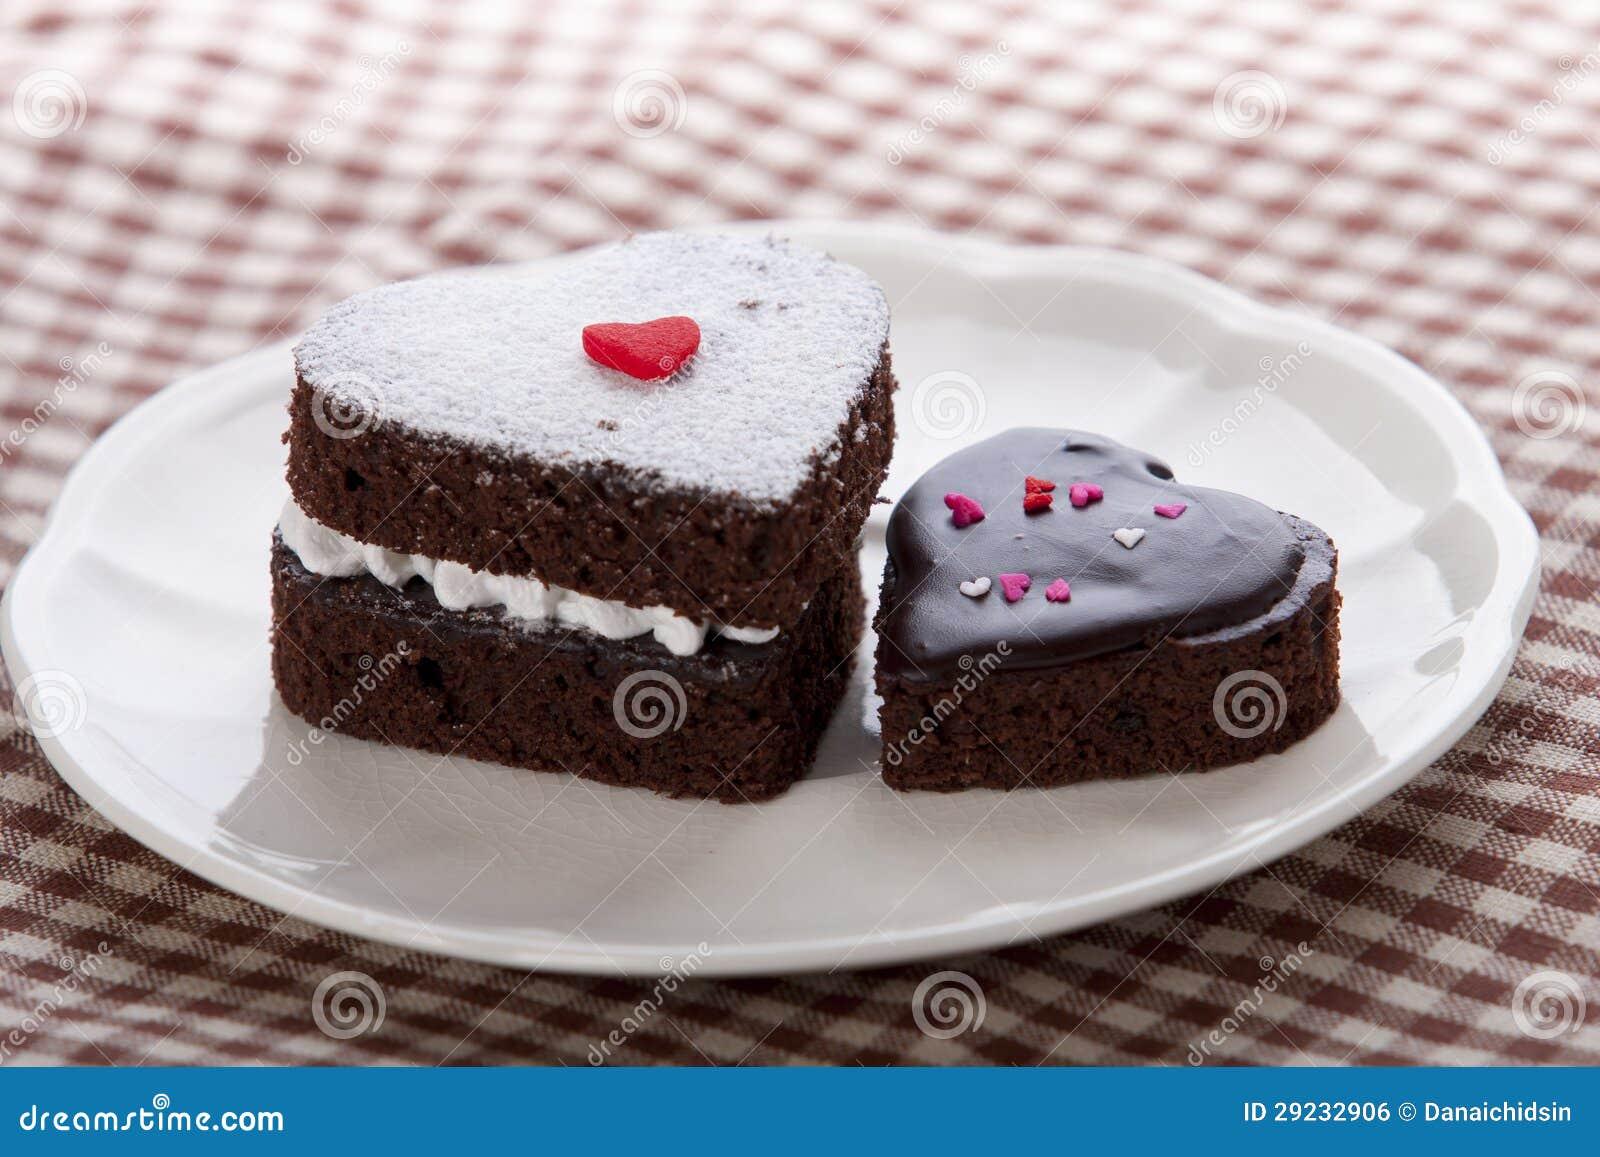 Download Bolo De Chocolate Dado Forma Coração Foto de Stock - Imagem de celebration, branco: 29232906